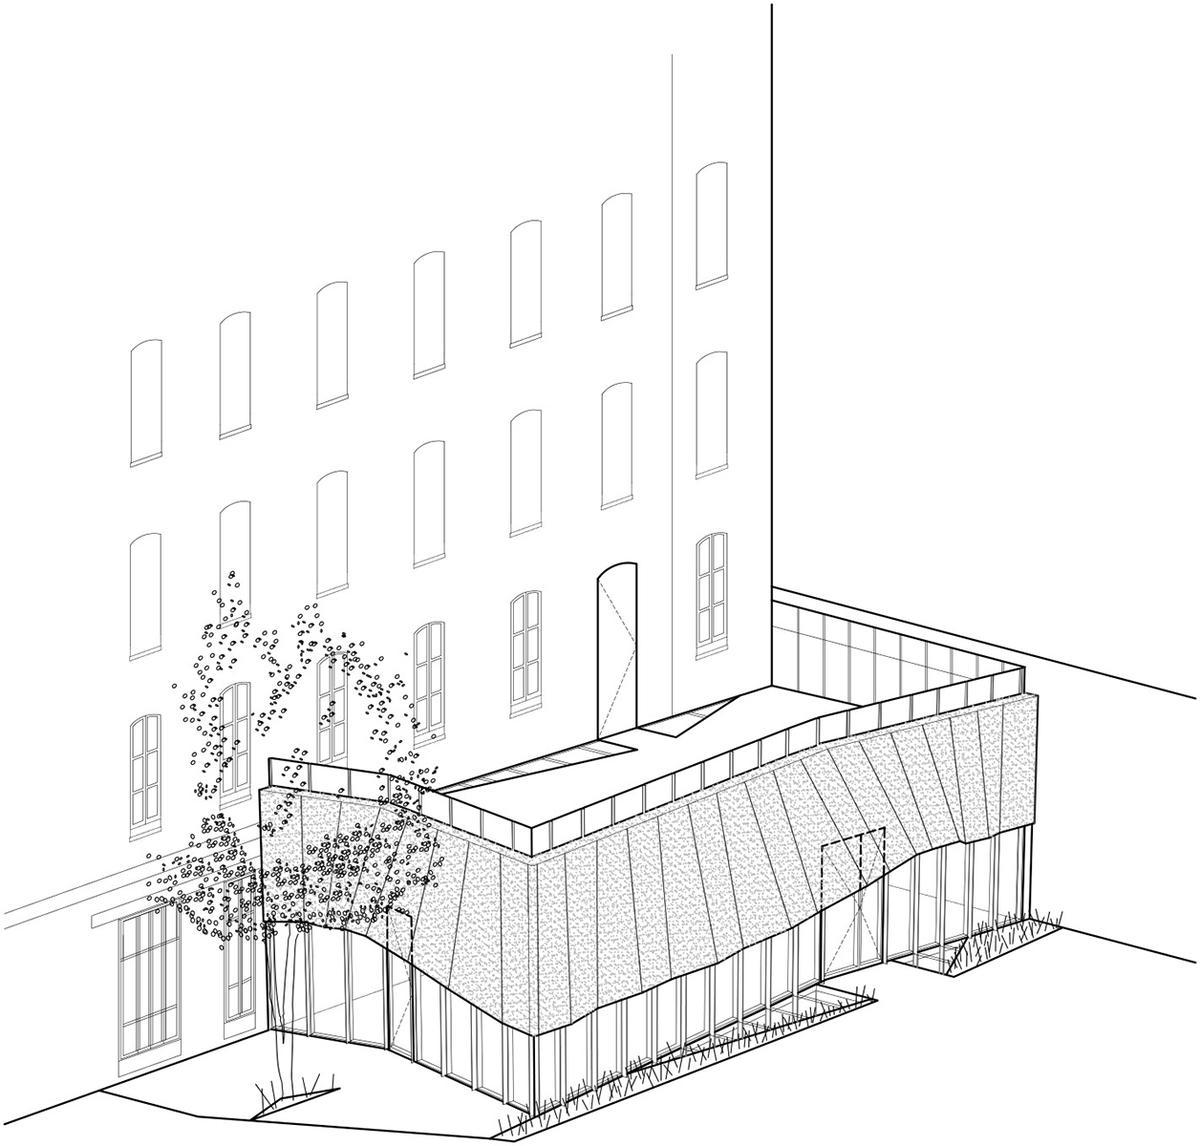 Crêche Epée de Bois / H2O Architectes (8)